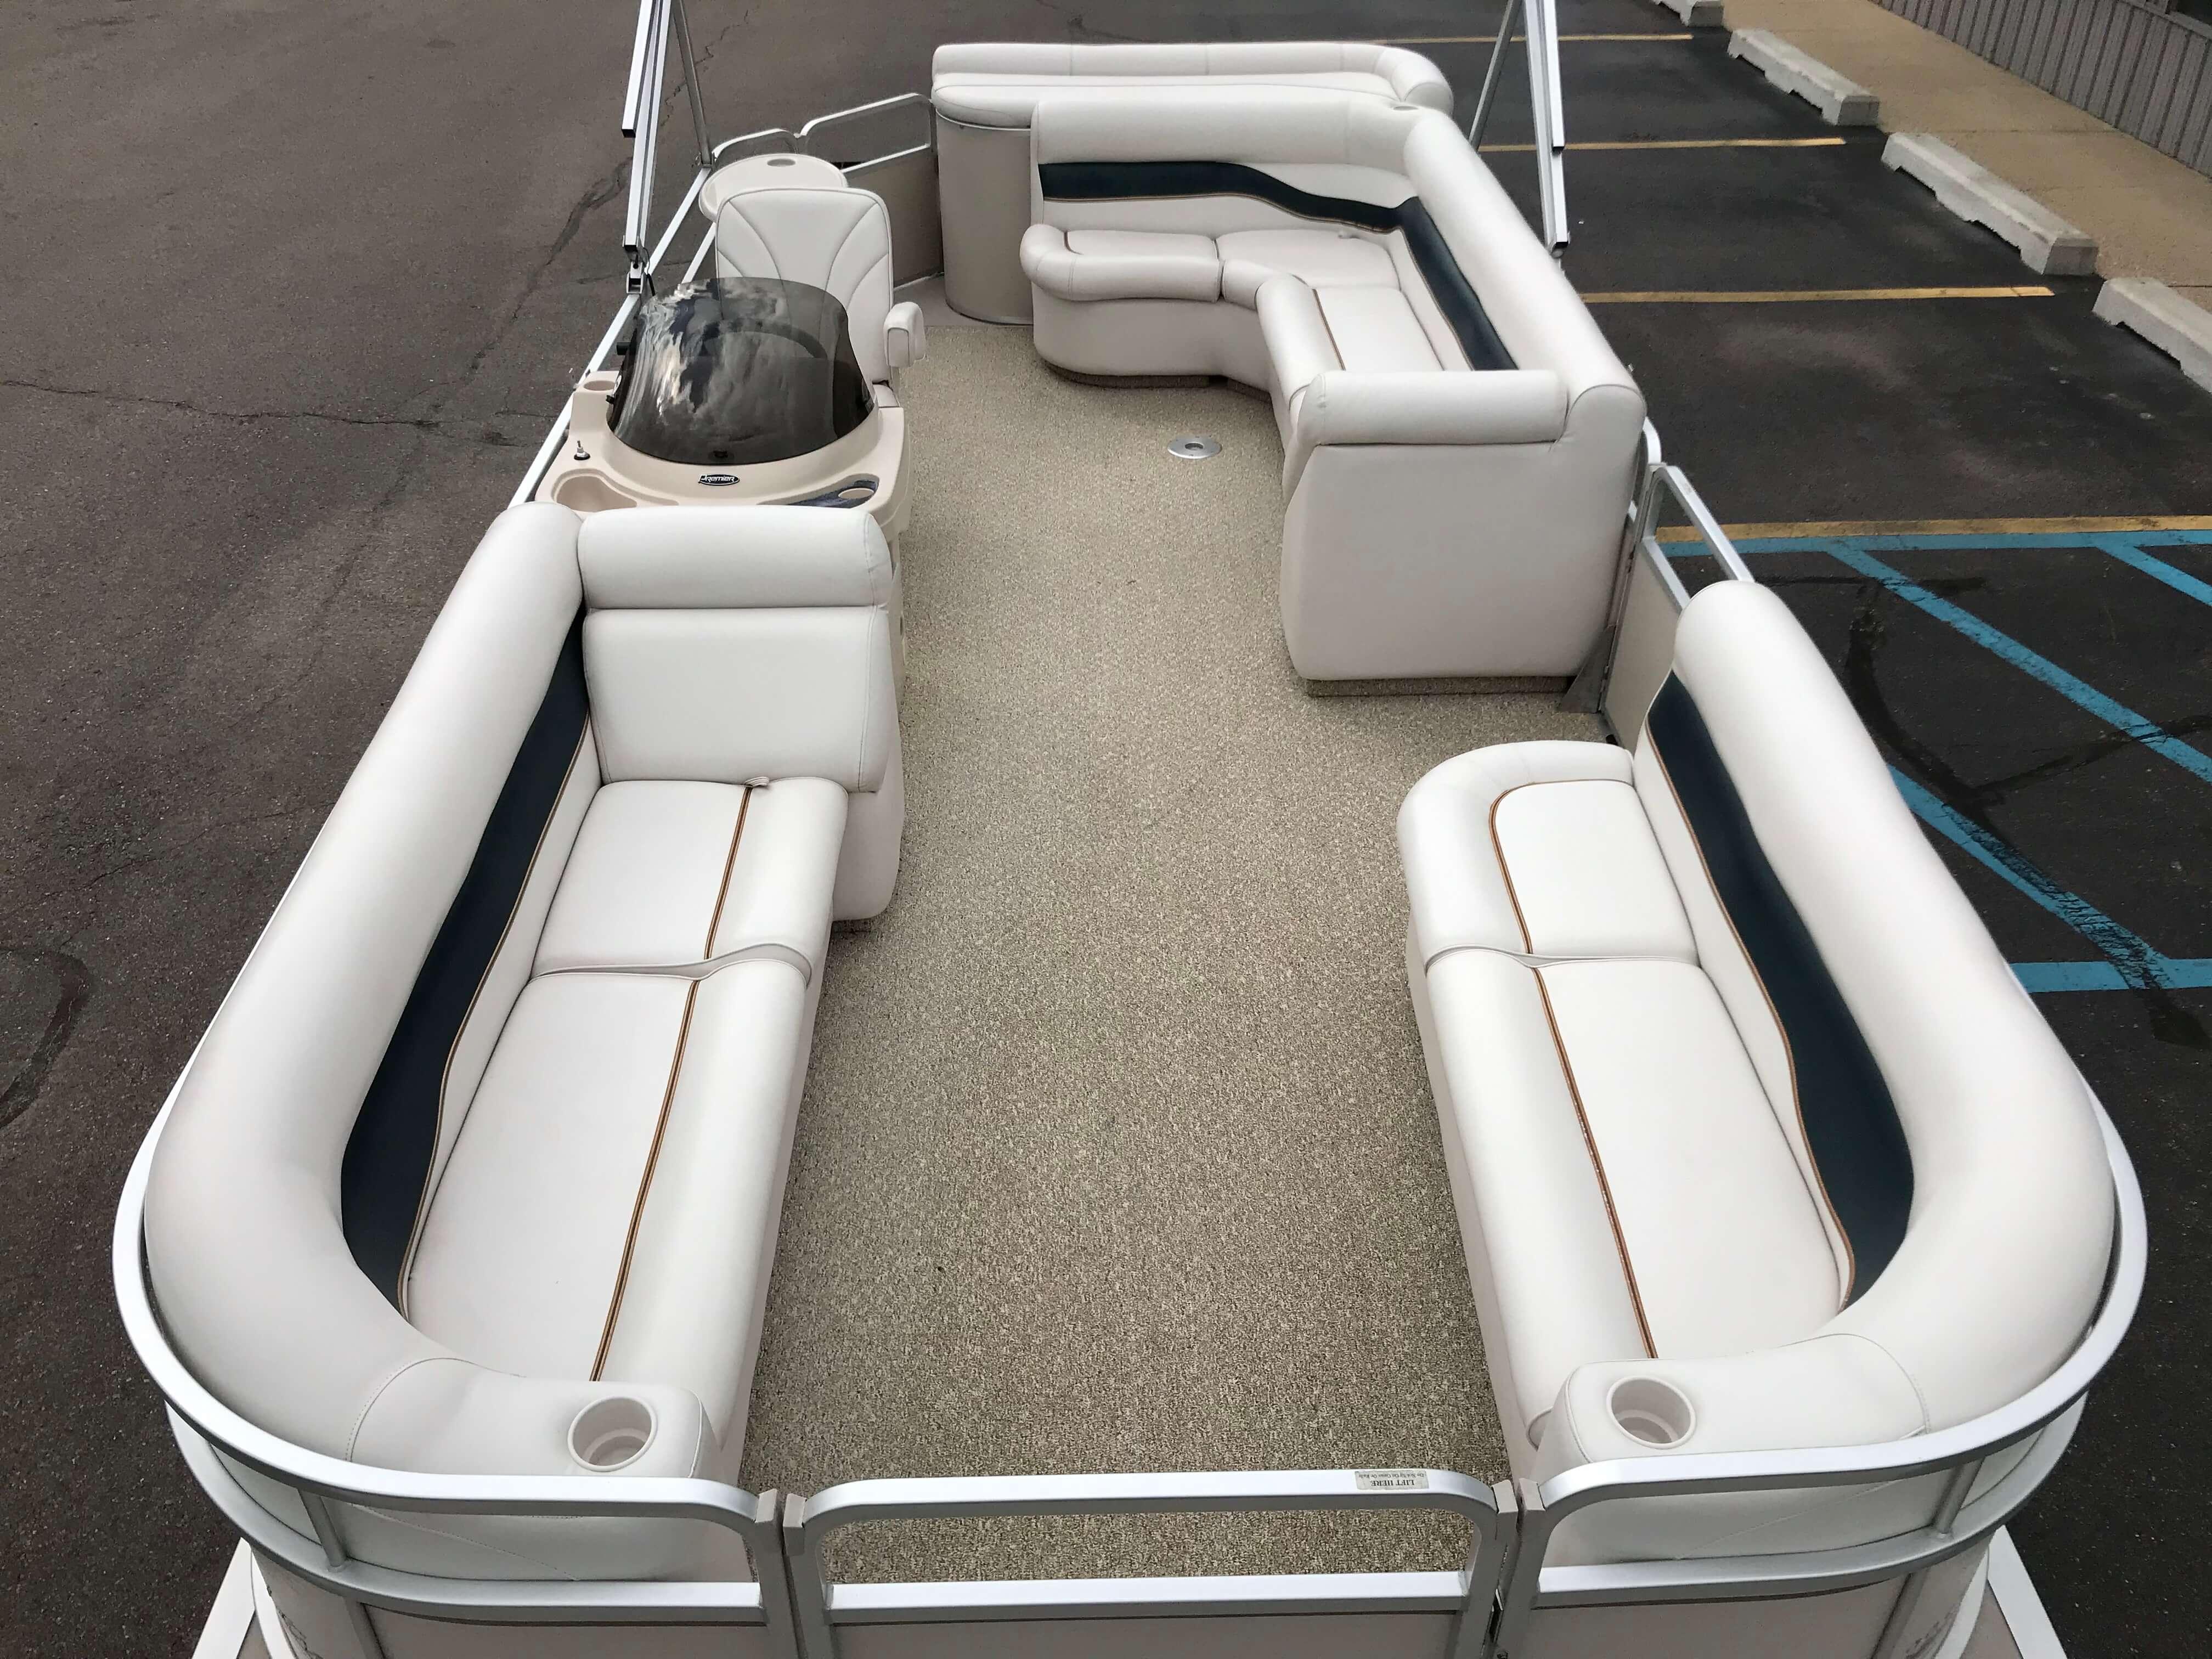 2005 Premier 225 Sunsation RE Pontoon Boat 18